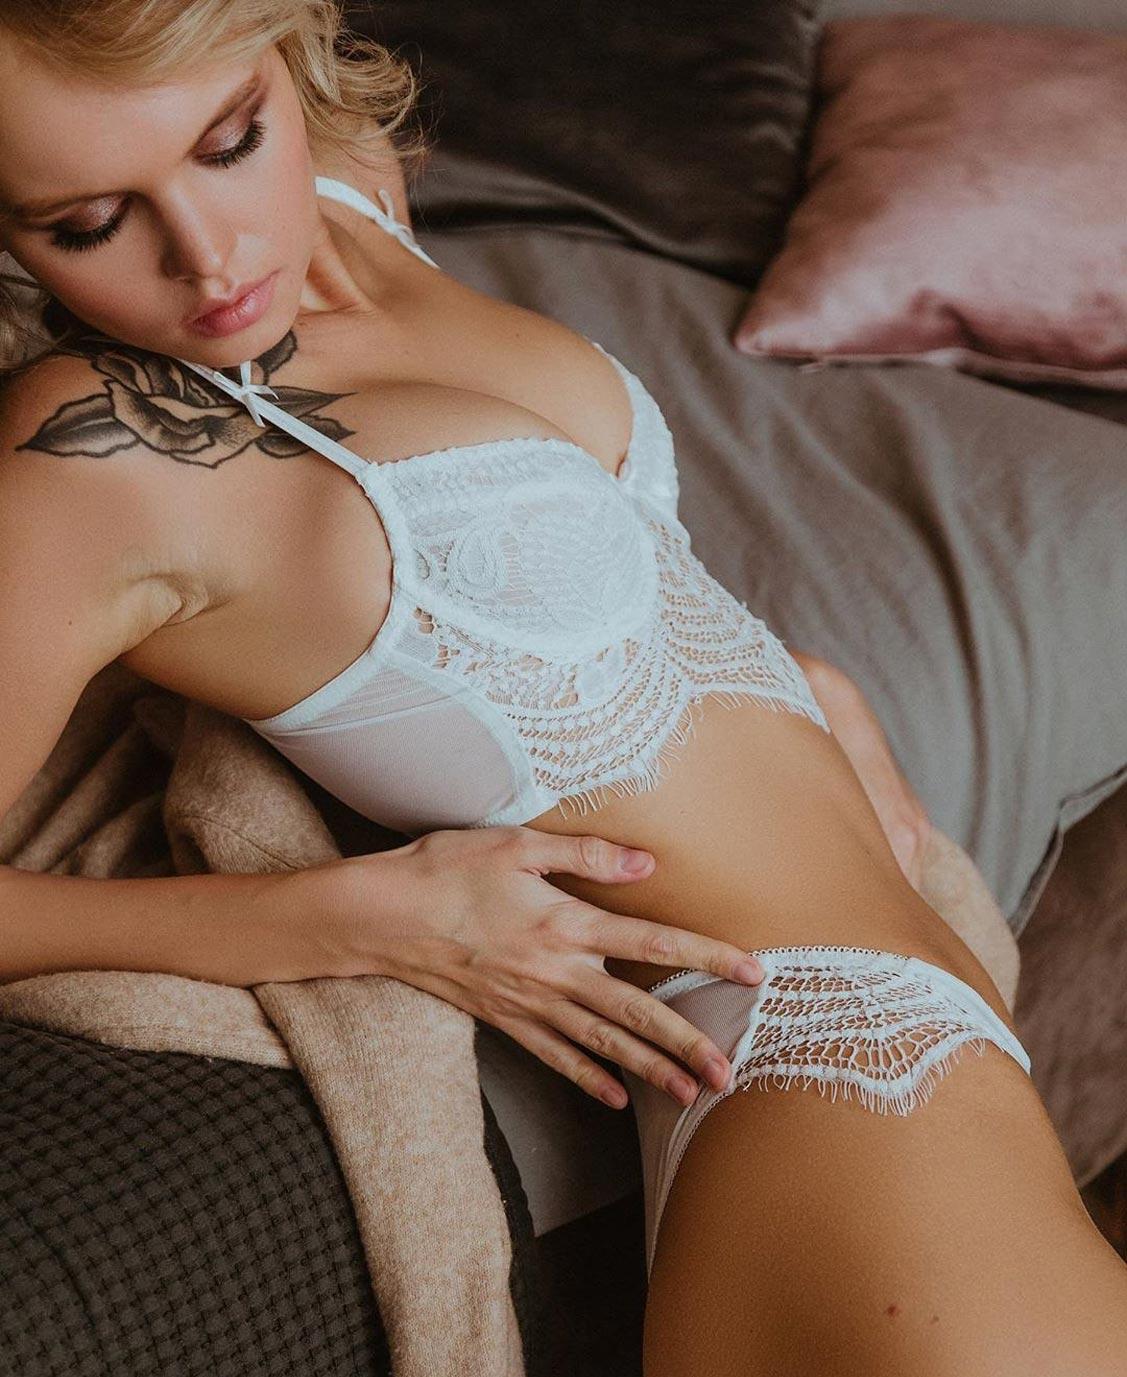 Анастасия Щеглова в нижнем белье торговой марки MissX / фото 19